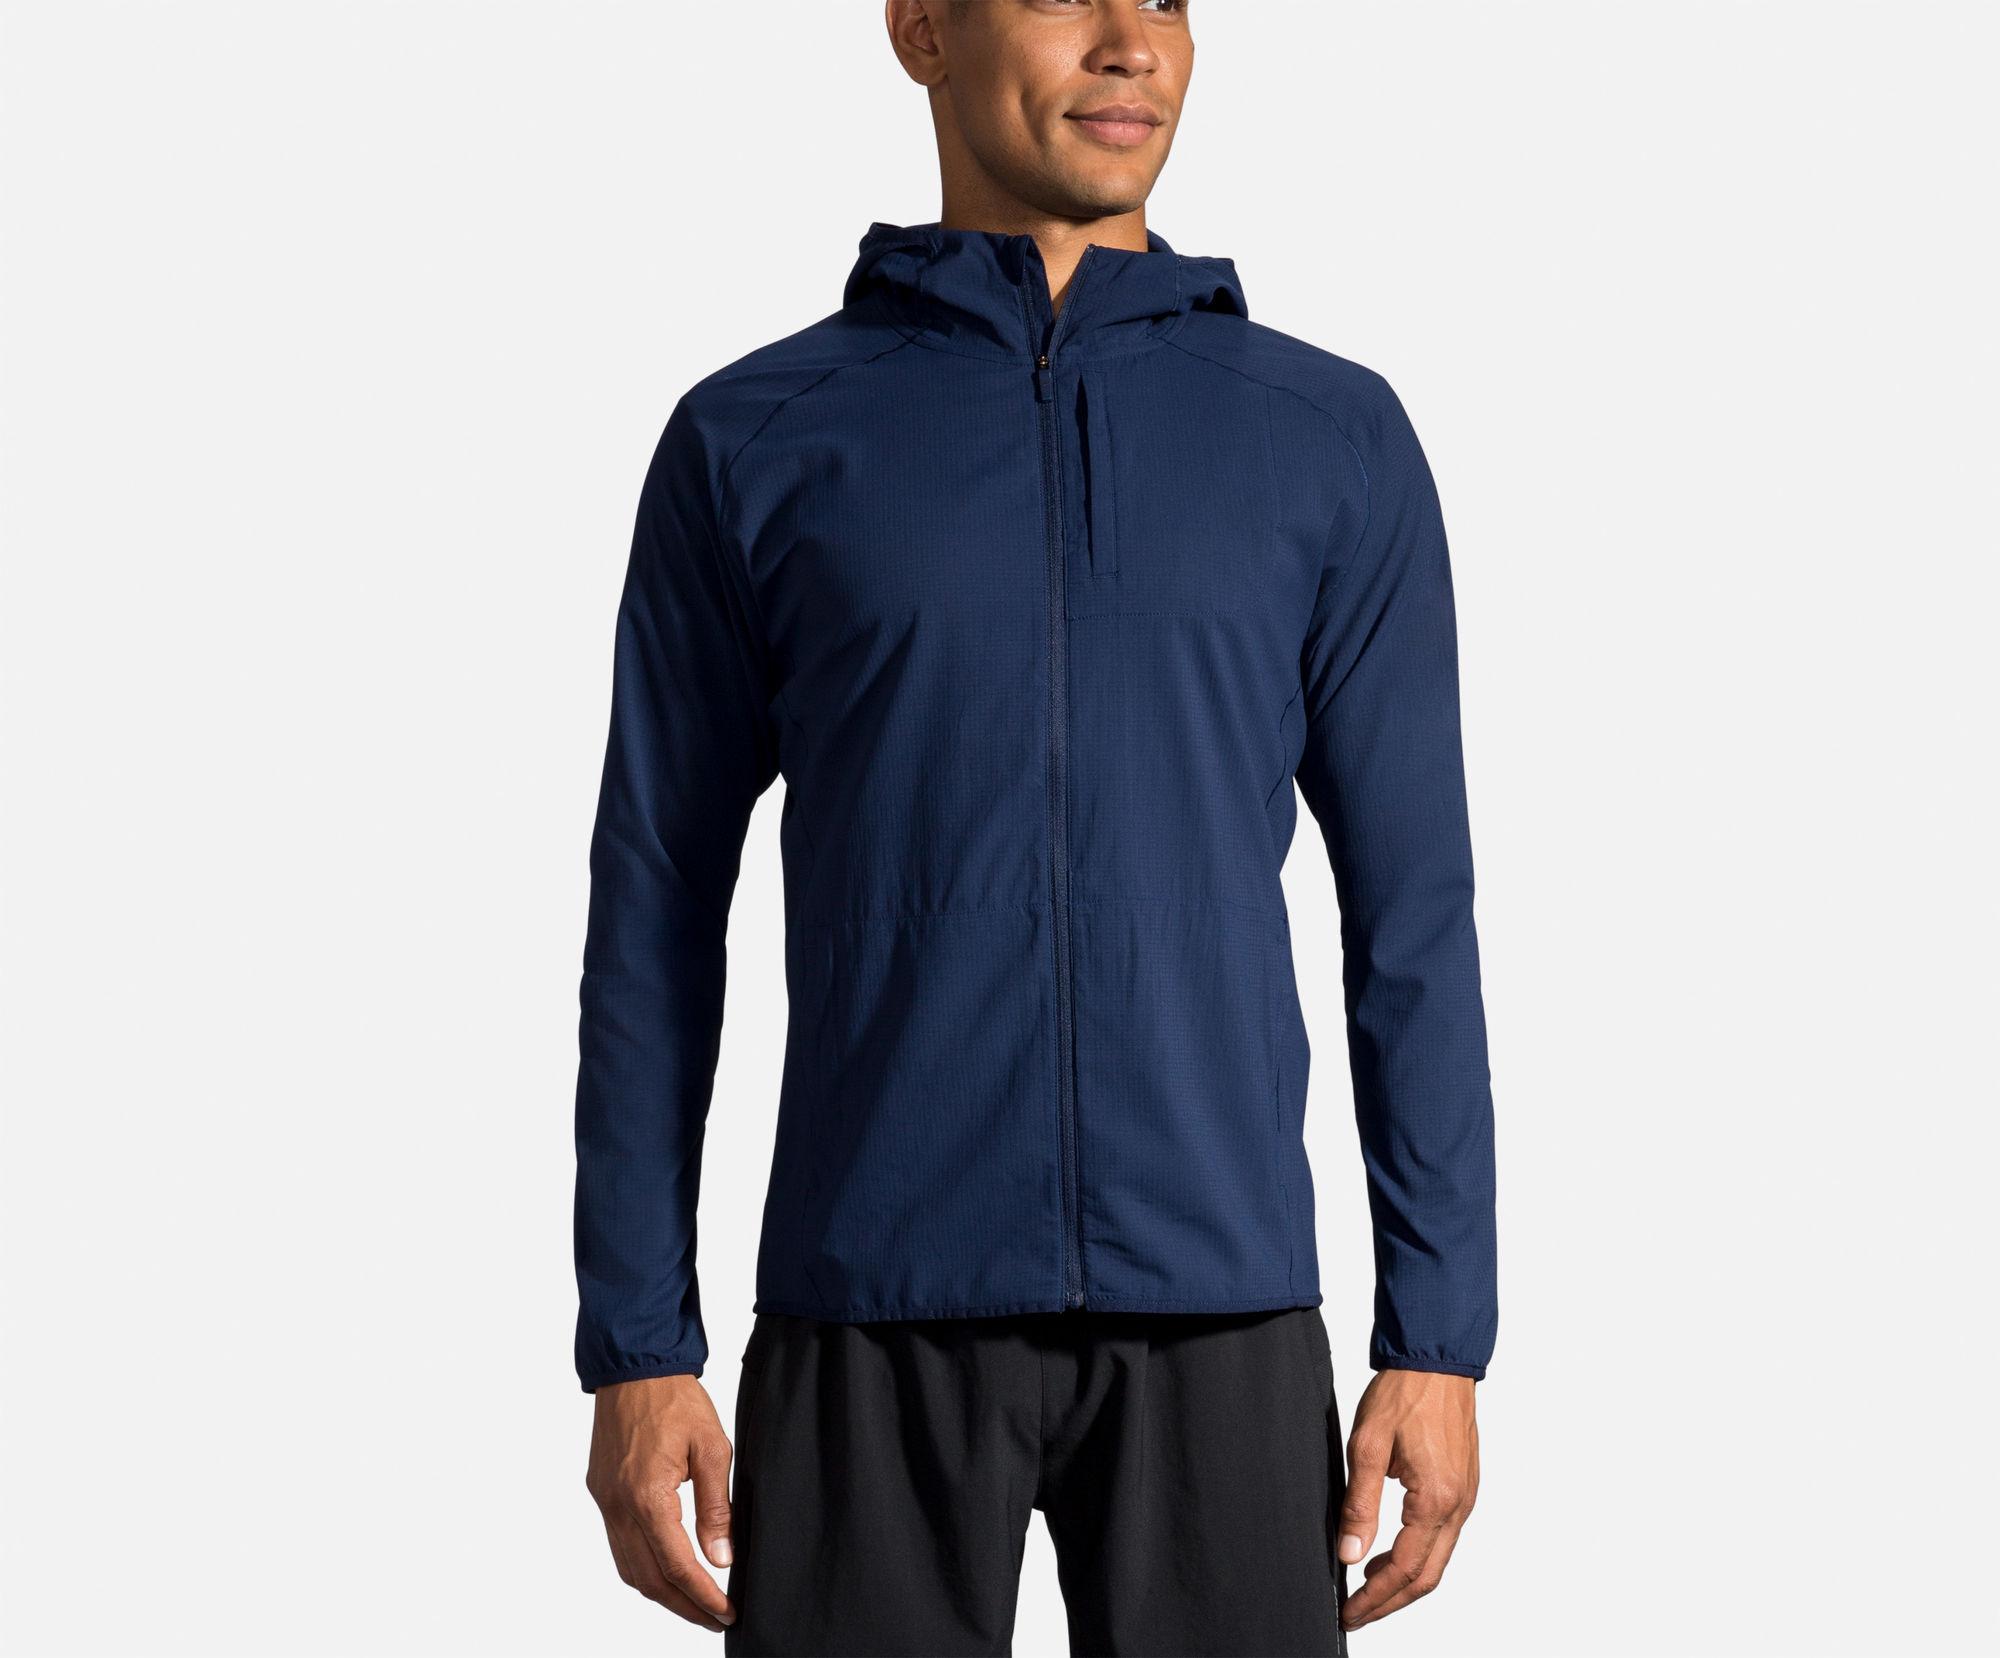 Brooks Canopy Jacket (Blau)